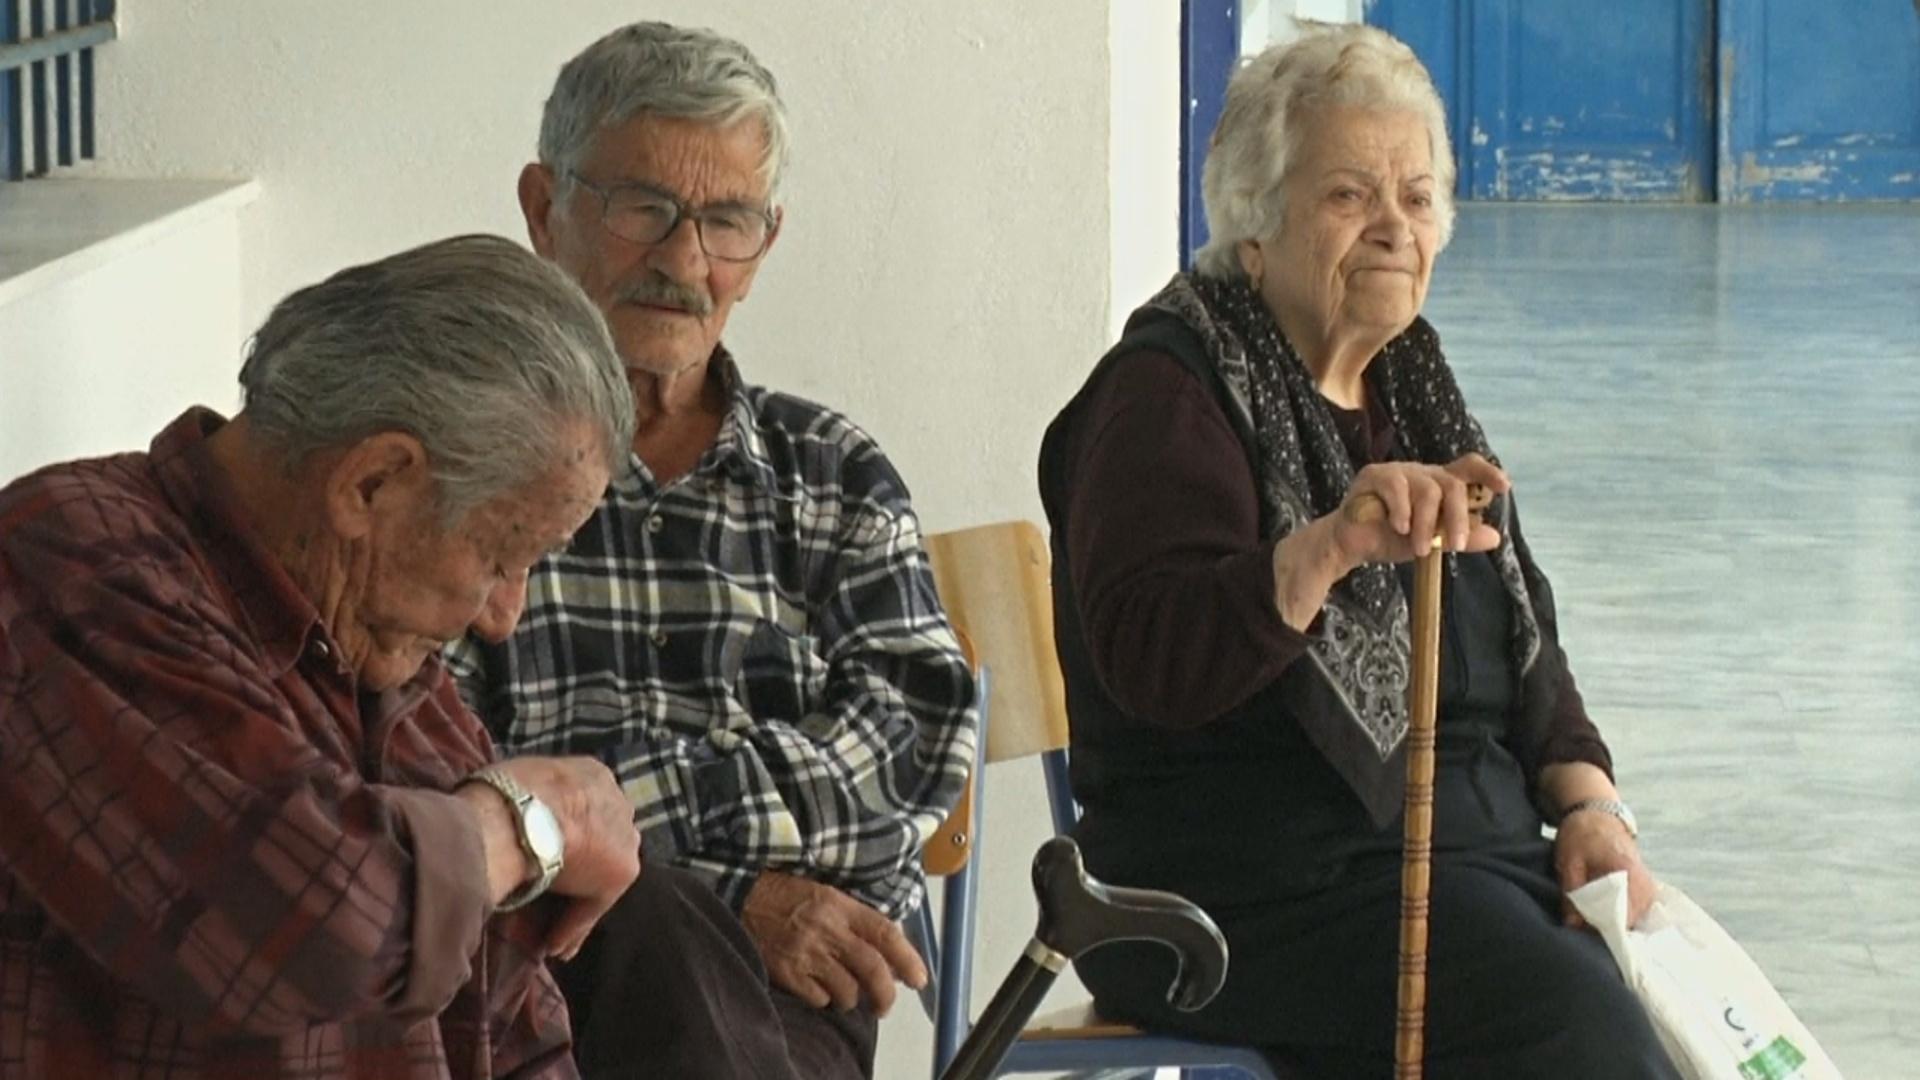 Жители греческих островов, заболев, уповают на Бога и волонтёров